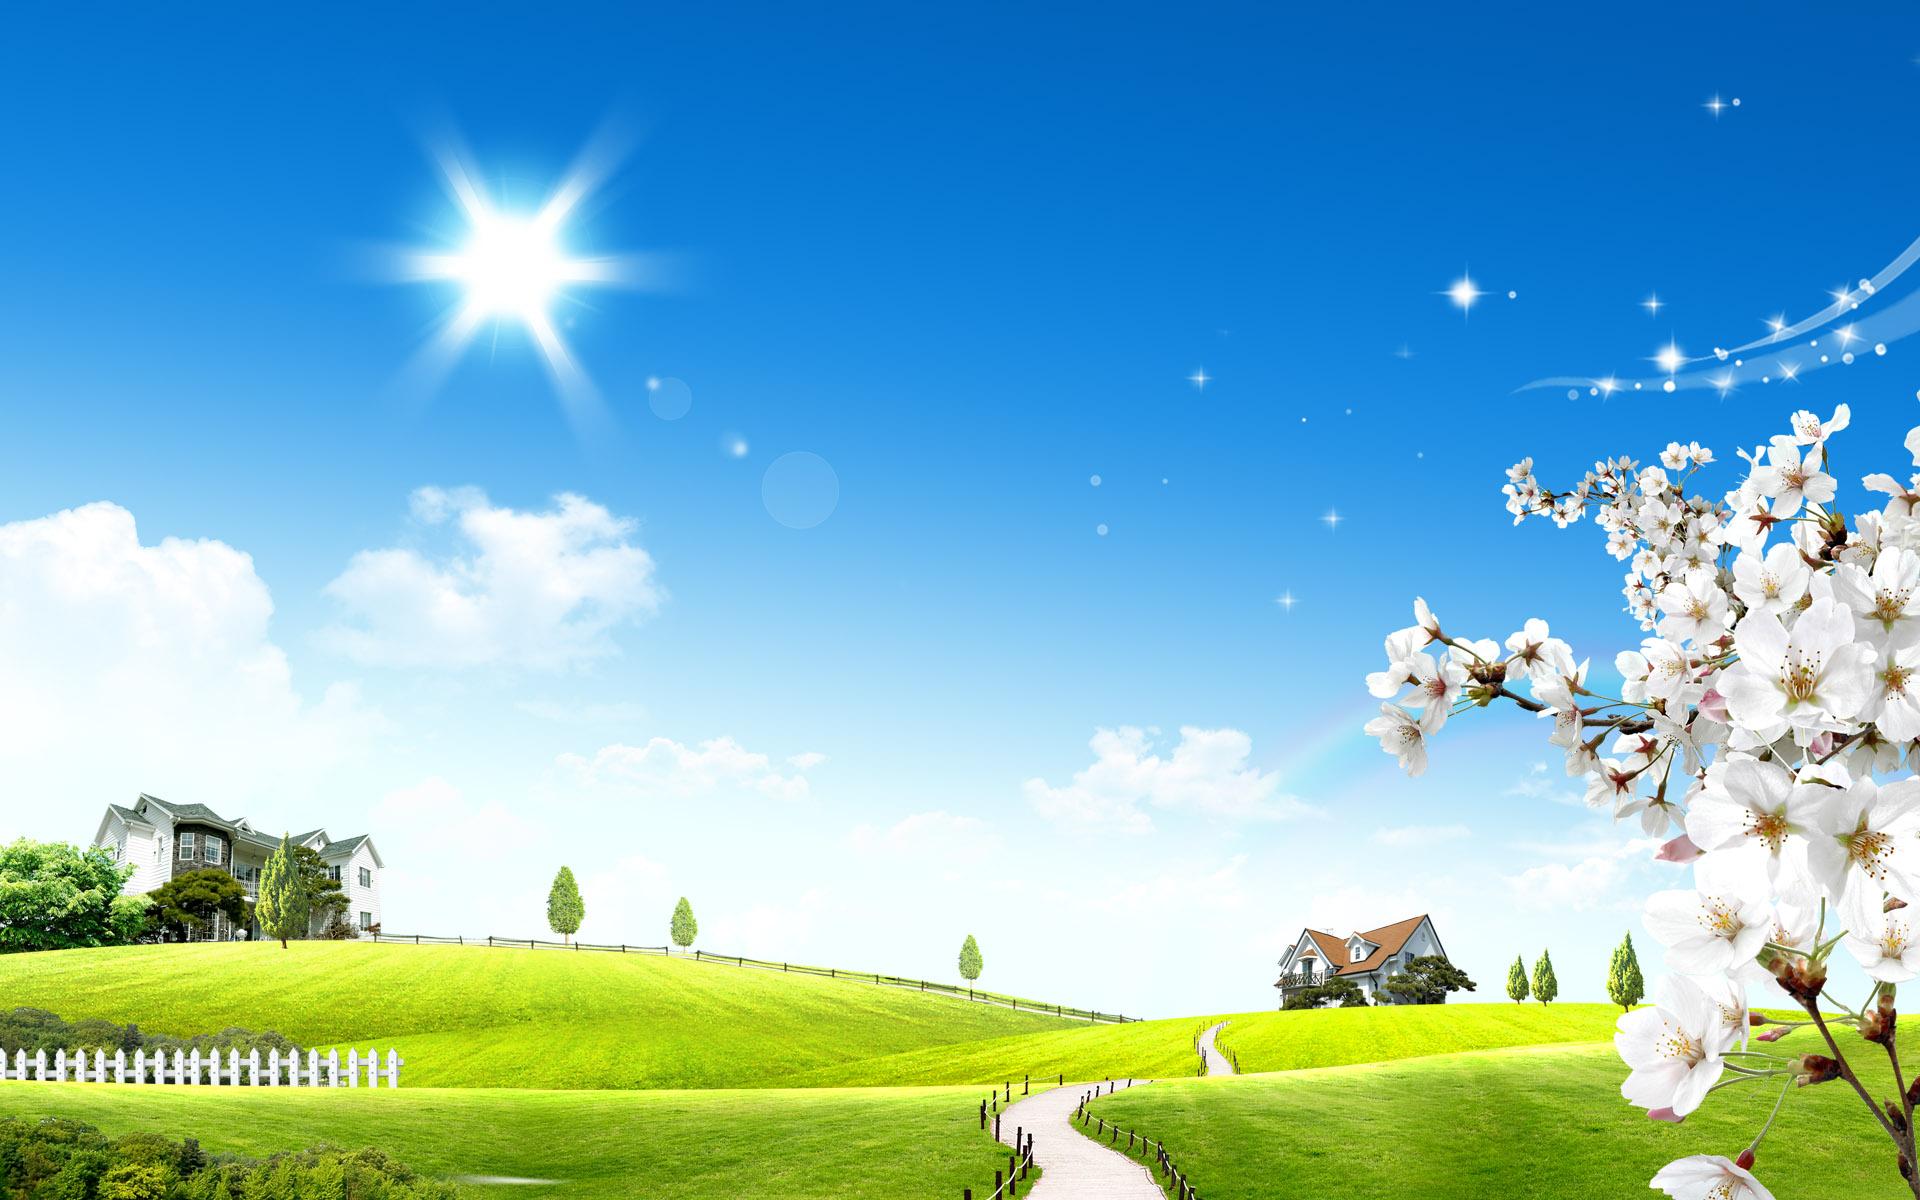 красивые картинки яркие солнечные весна также